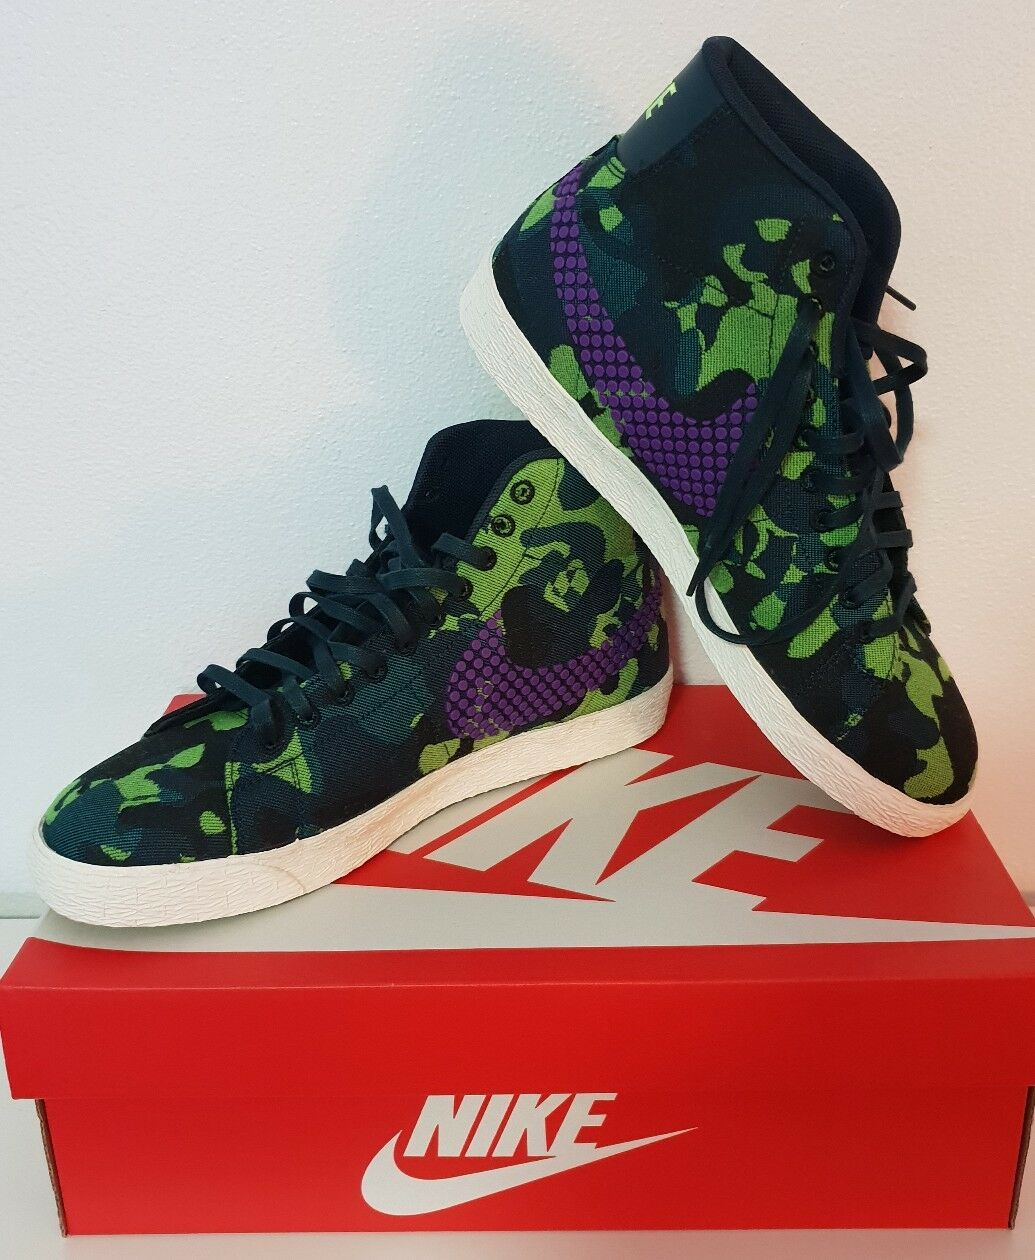 BNIB Womens Nike Blazer Mid JCRD PRM 8.5 in Vivid Purple/Ghost Green - free post